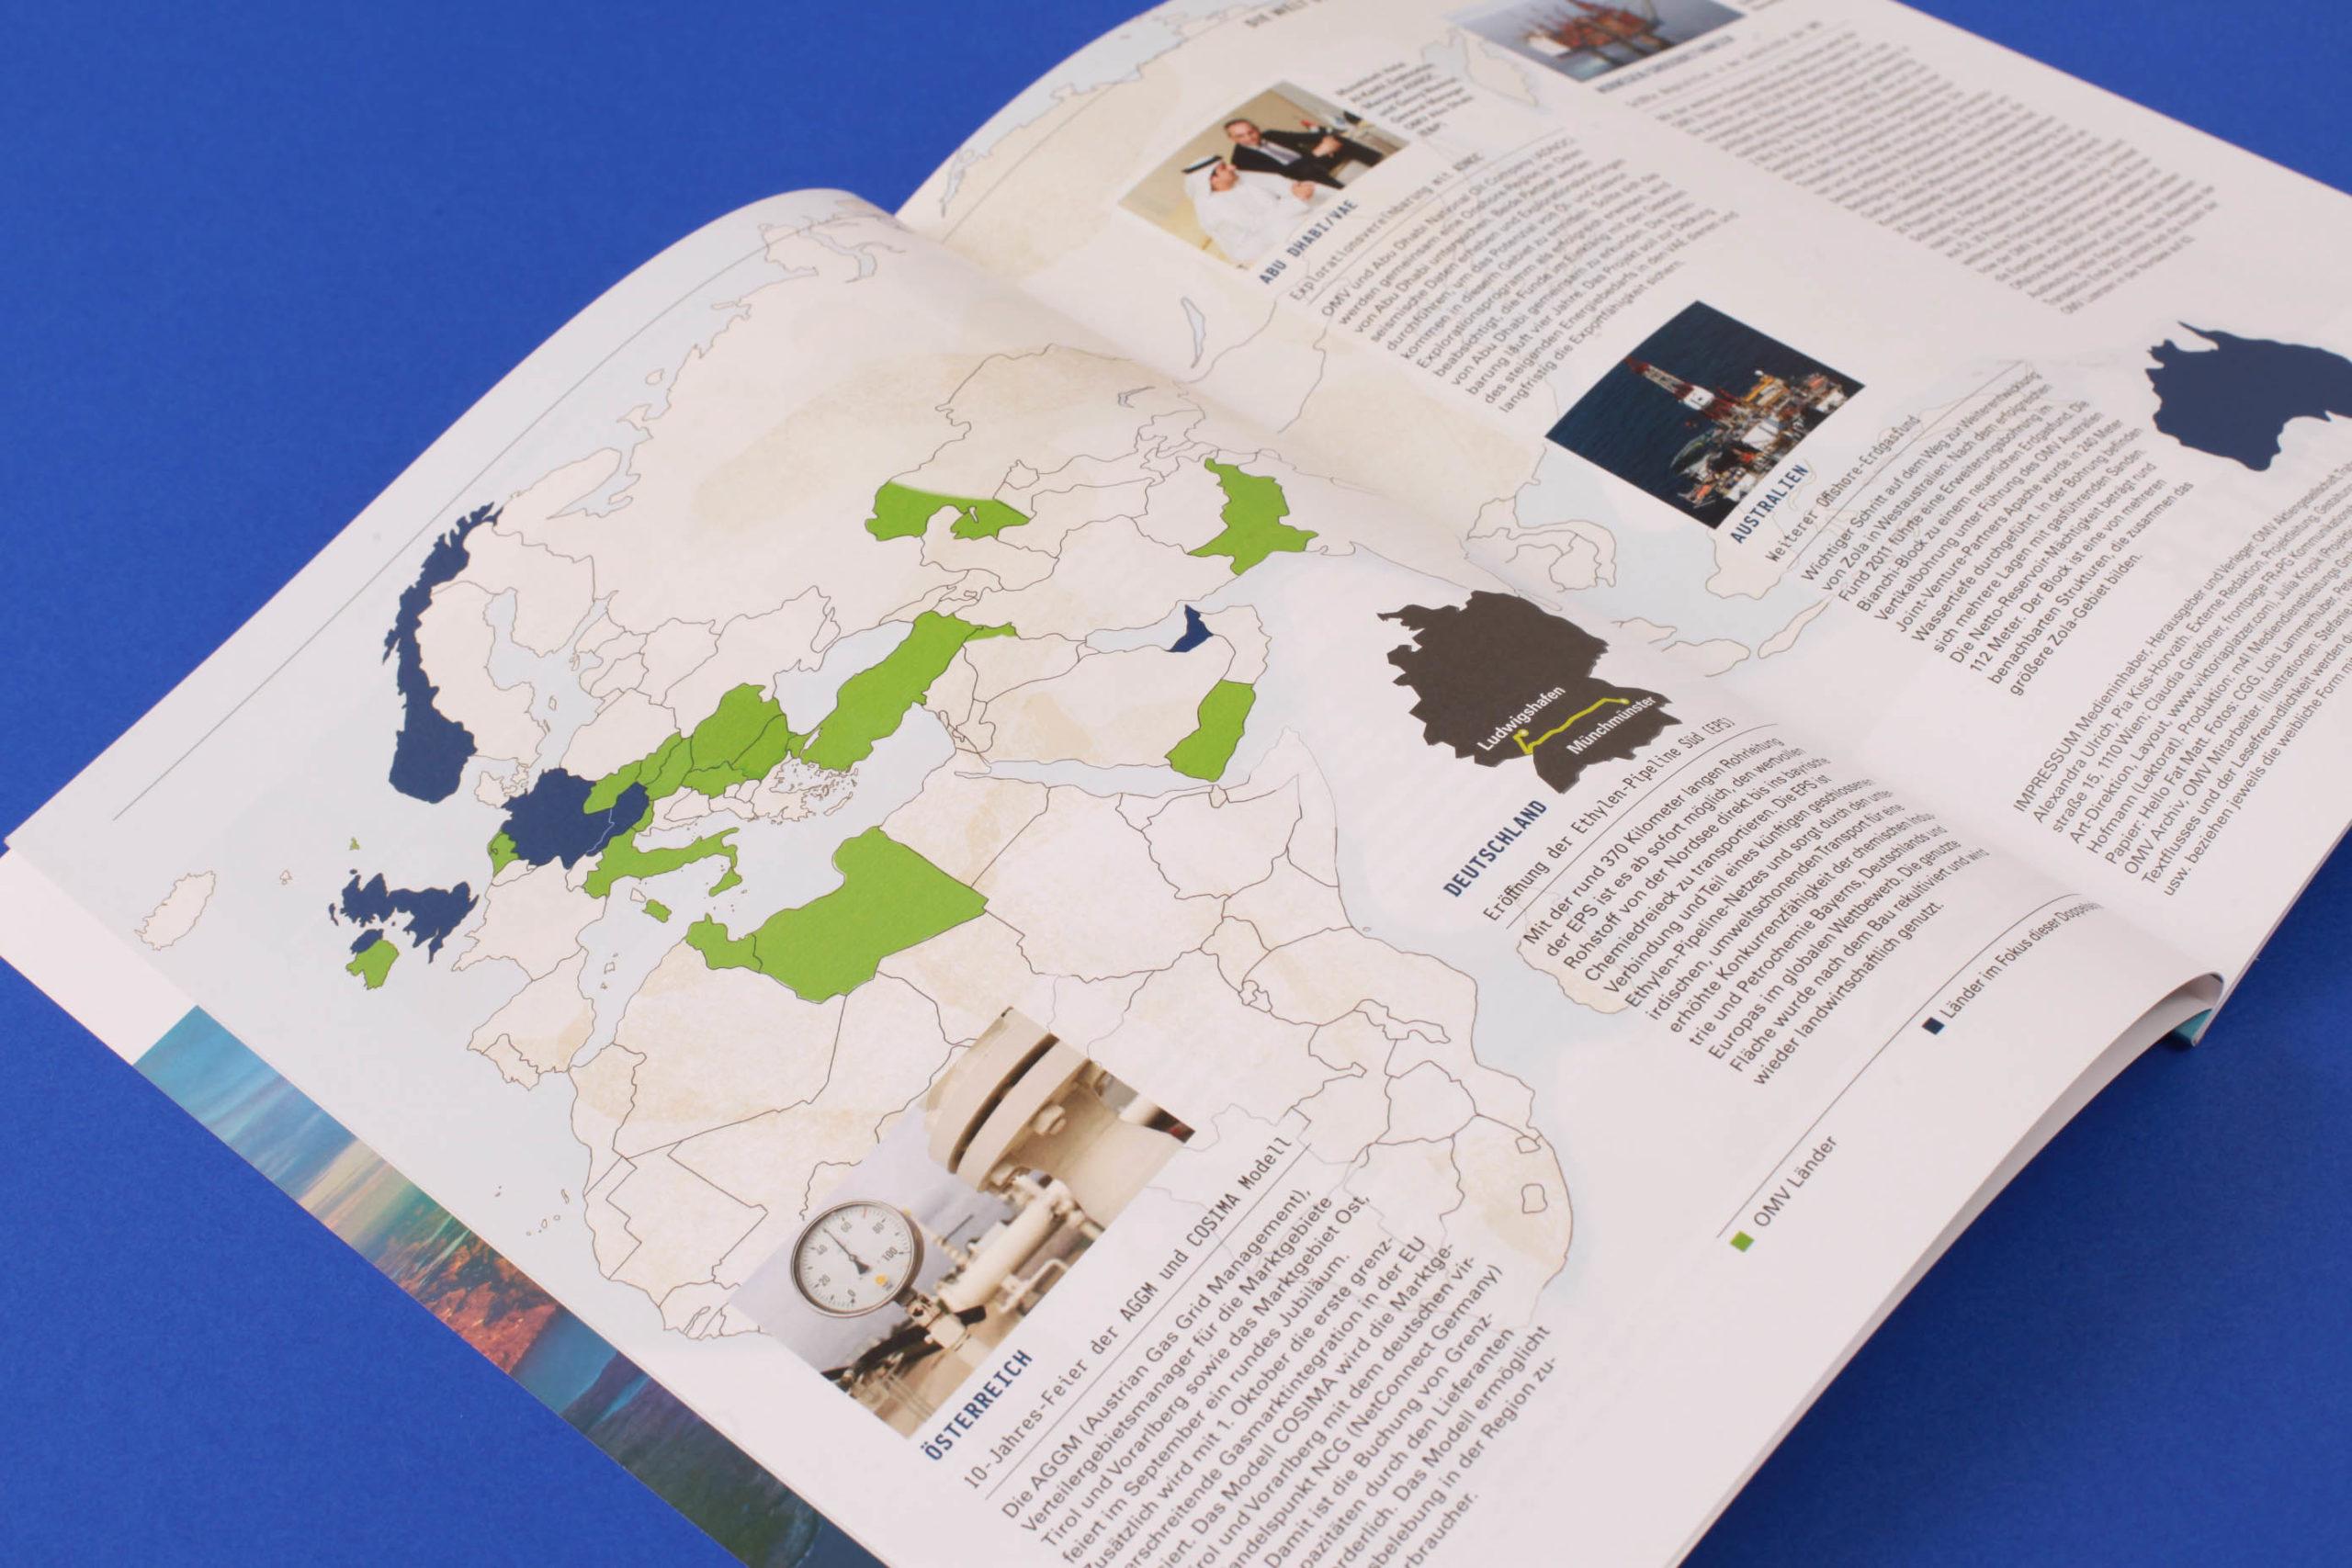 viktoria_platzer_omv_move_magazine_1